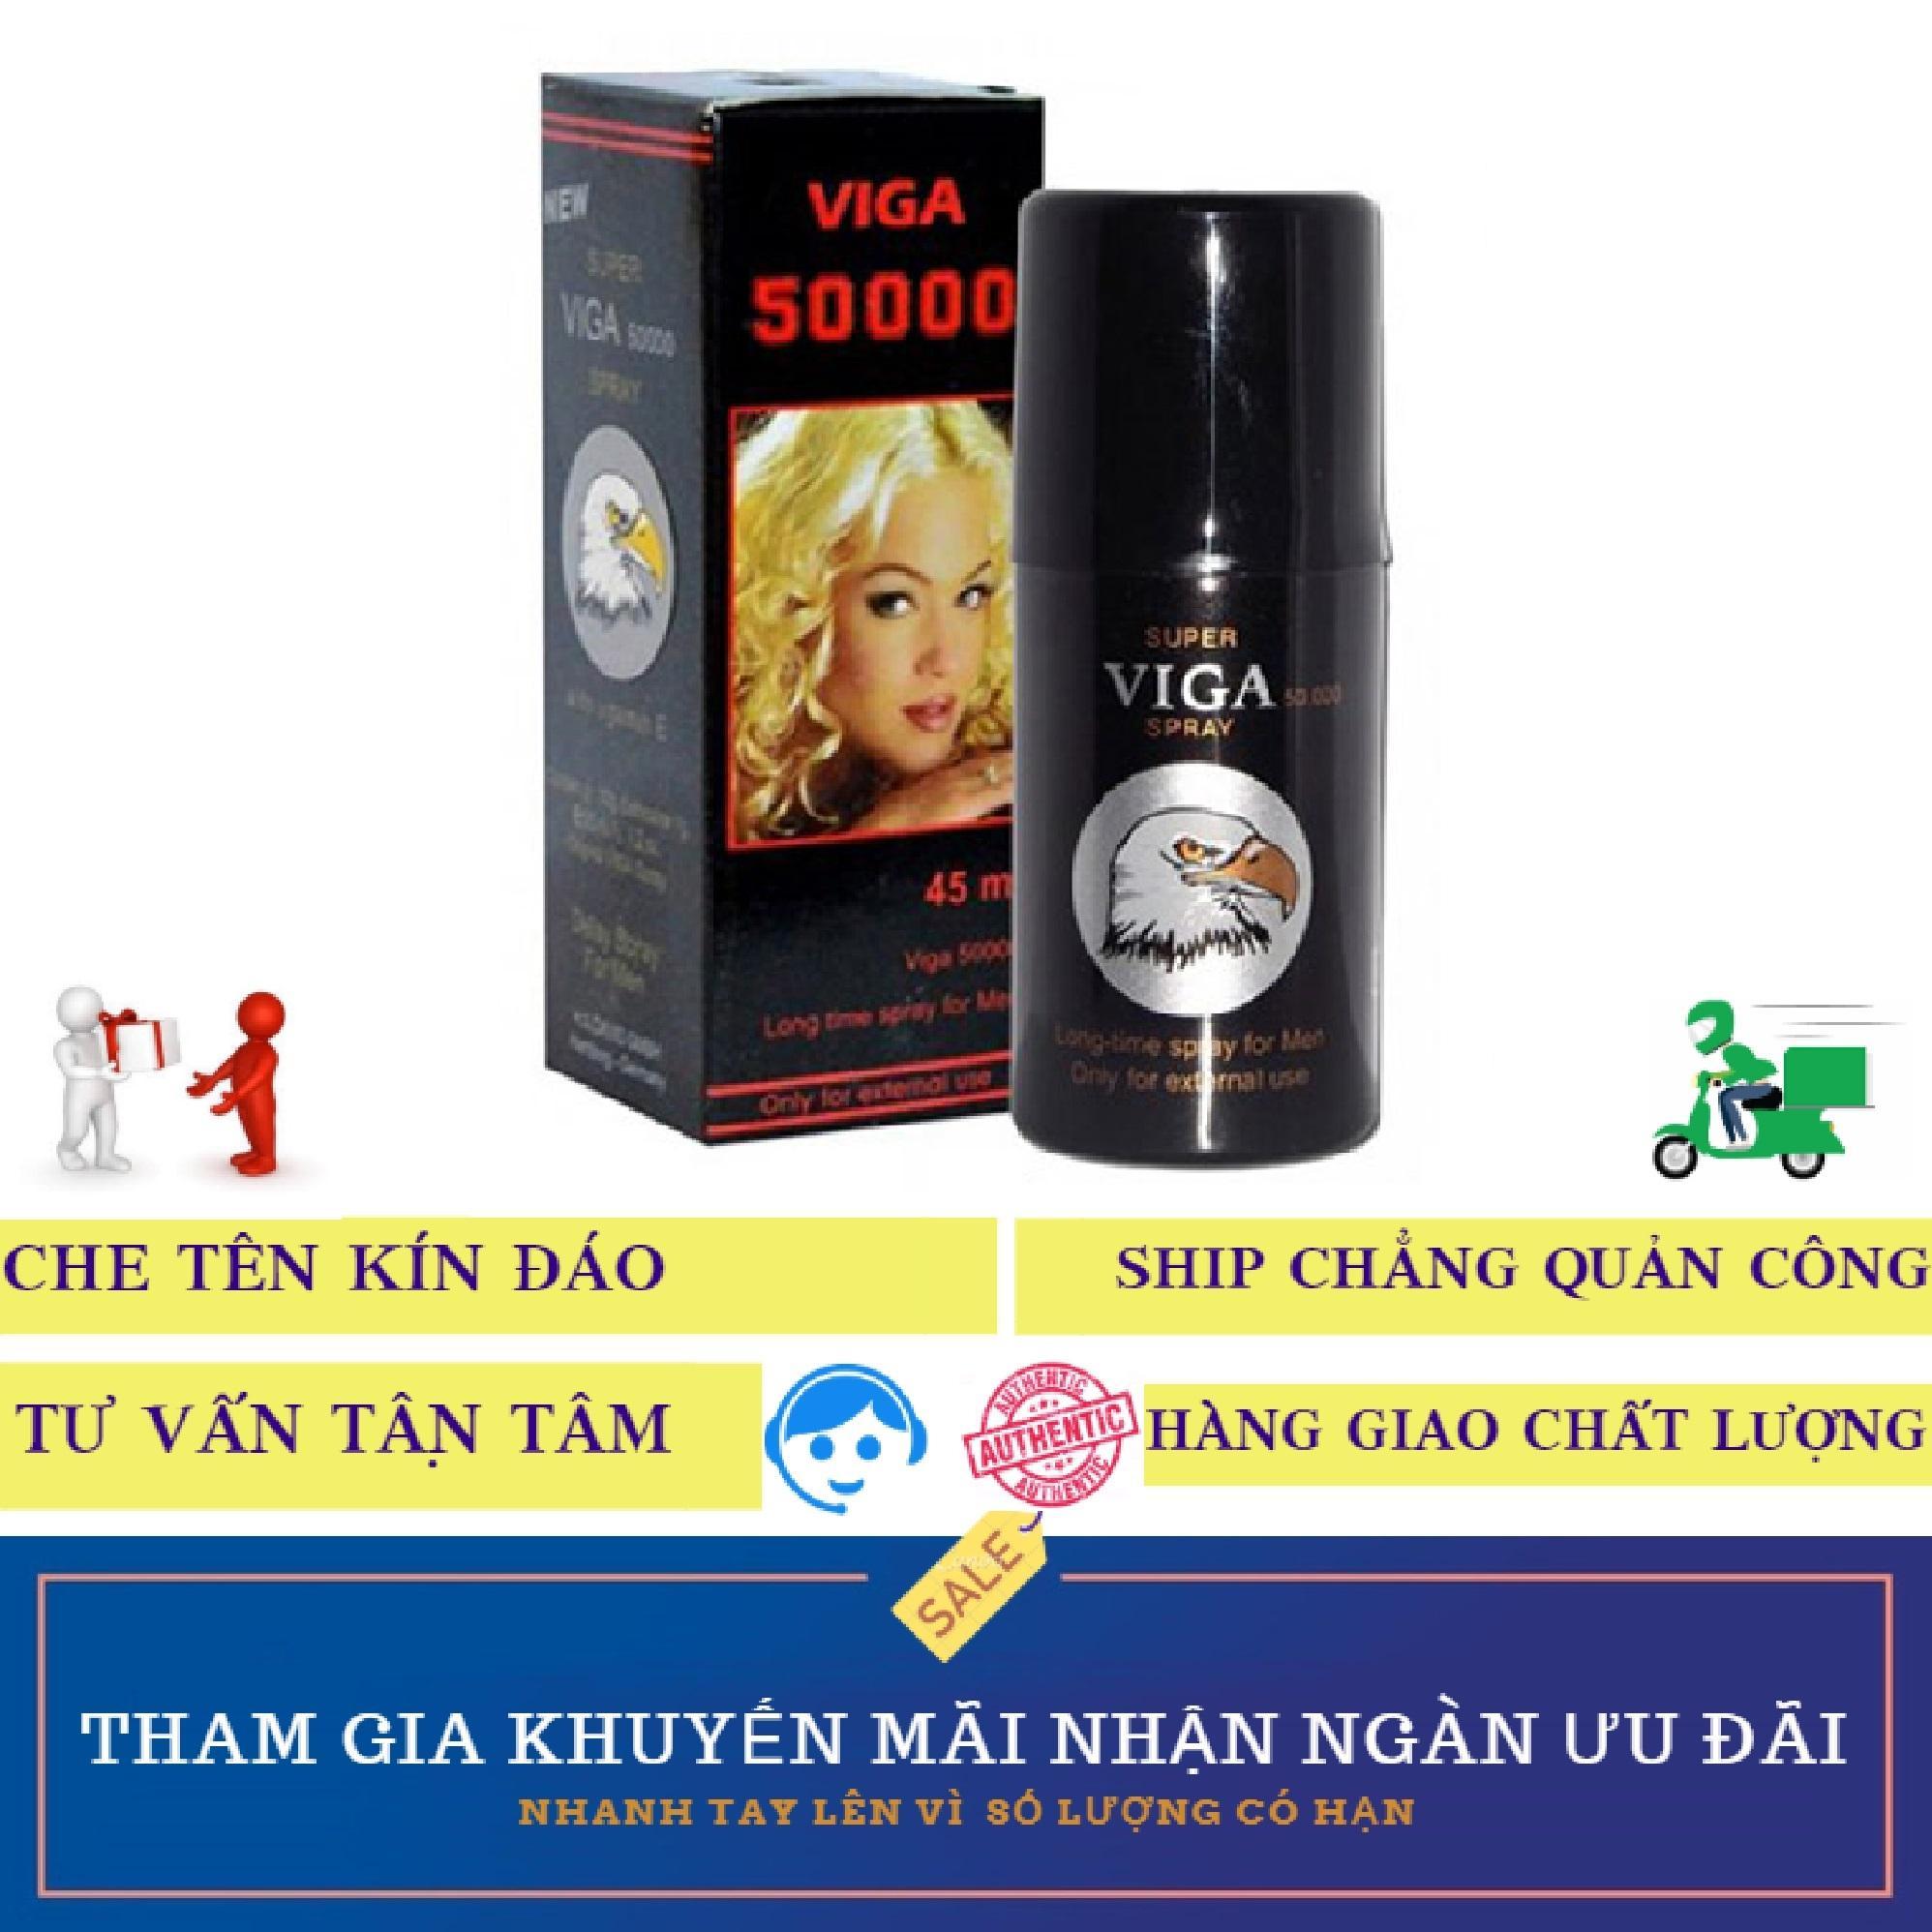 Chai xịt kéo dài thời gian, tăng sức khỏe và sức bền nam giới Super Viga Spray 50000 45ml tốt nhất